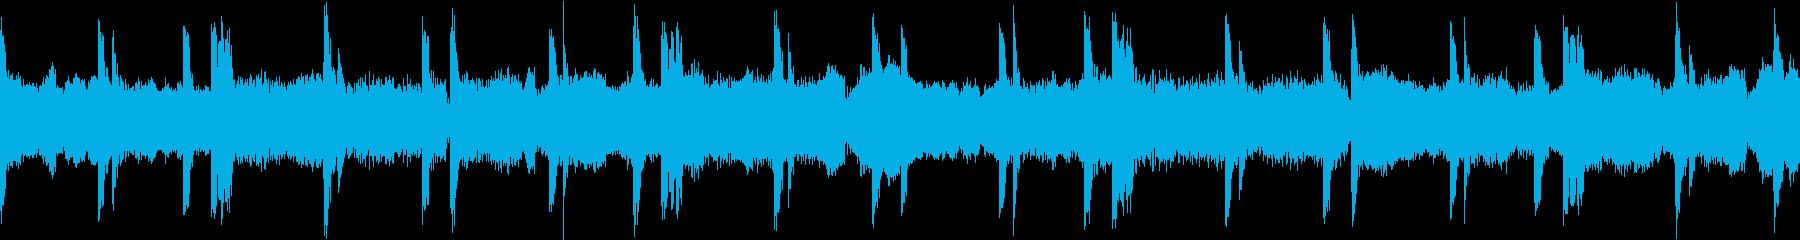 緊張感や不安を感じるようなシンセサイザーの再生済みの波形